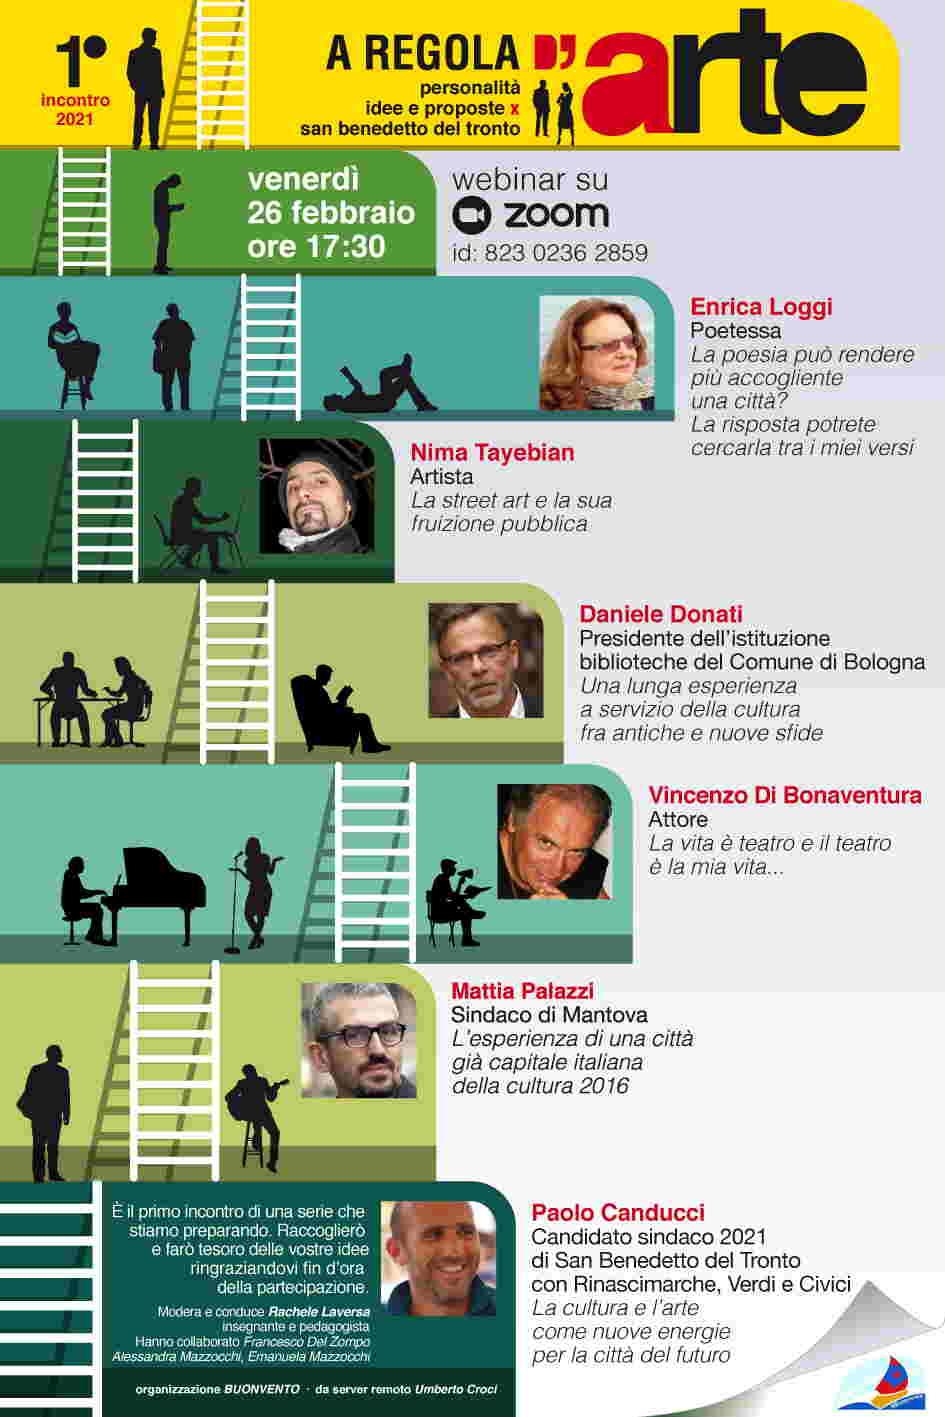 A regola d'arte, personalità, idee e proposte per San Benedetto del Tronto